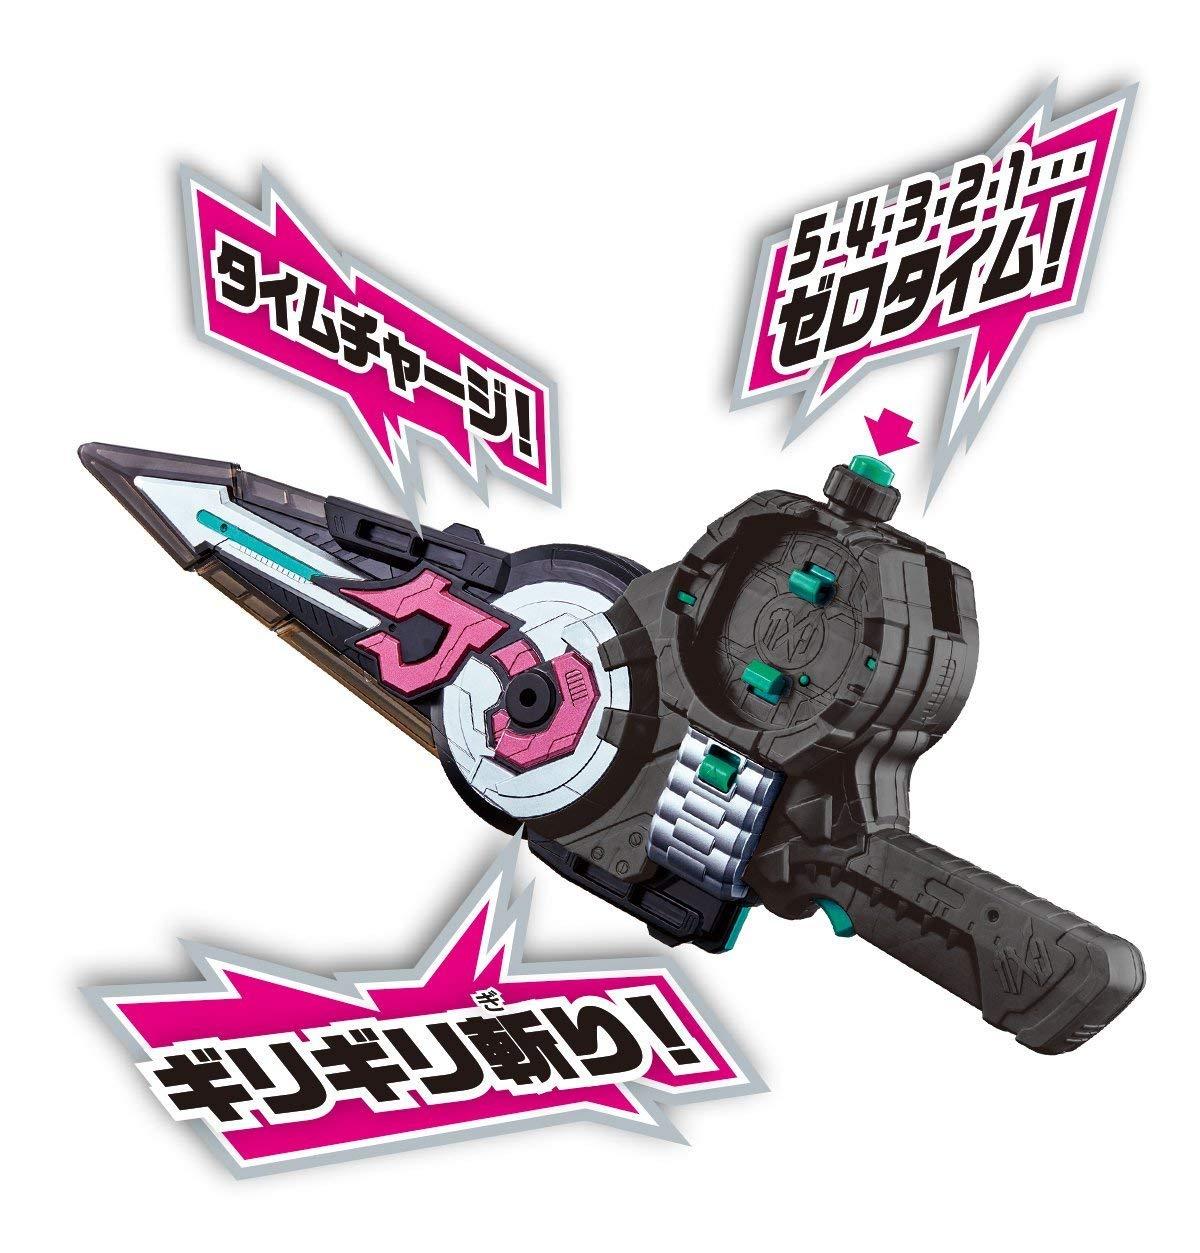 仮面ライダージオウ『字換銃剣DXジカンギレード』変身なりきり-006